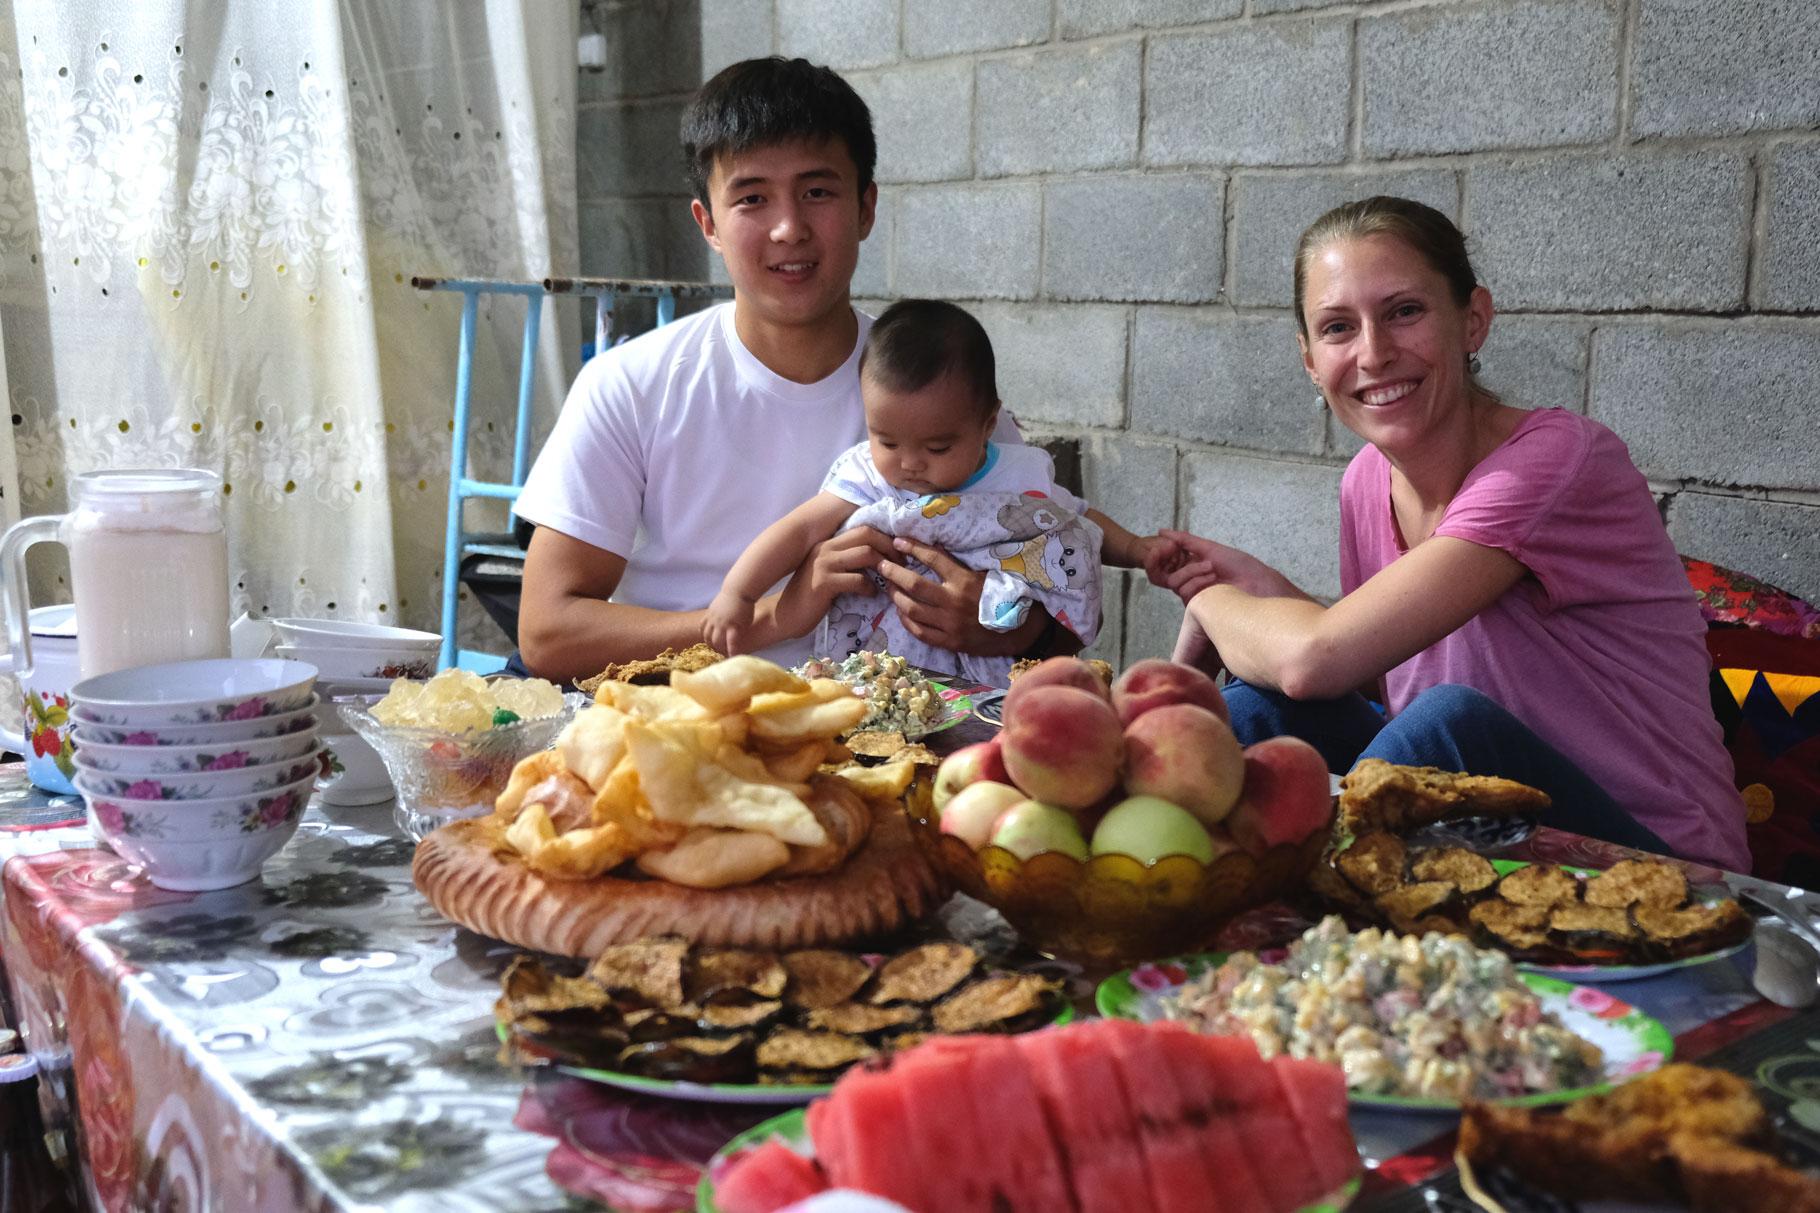 Leo mit Zhumabai und einem Kleinkind an einem Tisch mit Essen.